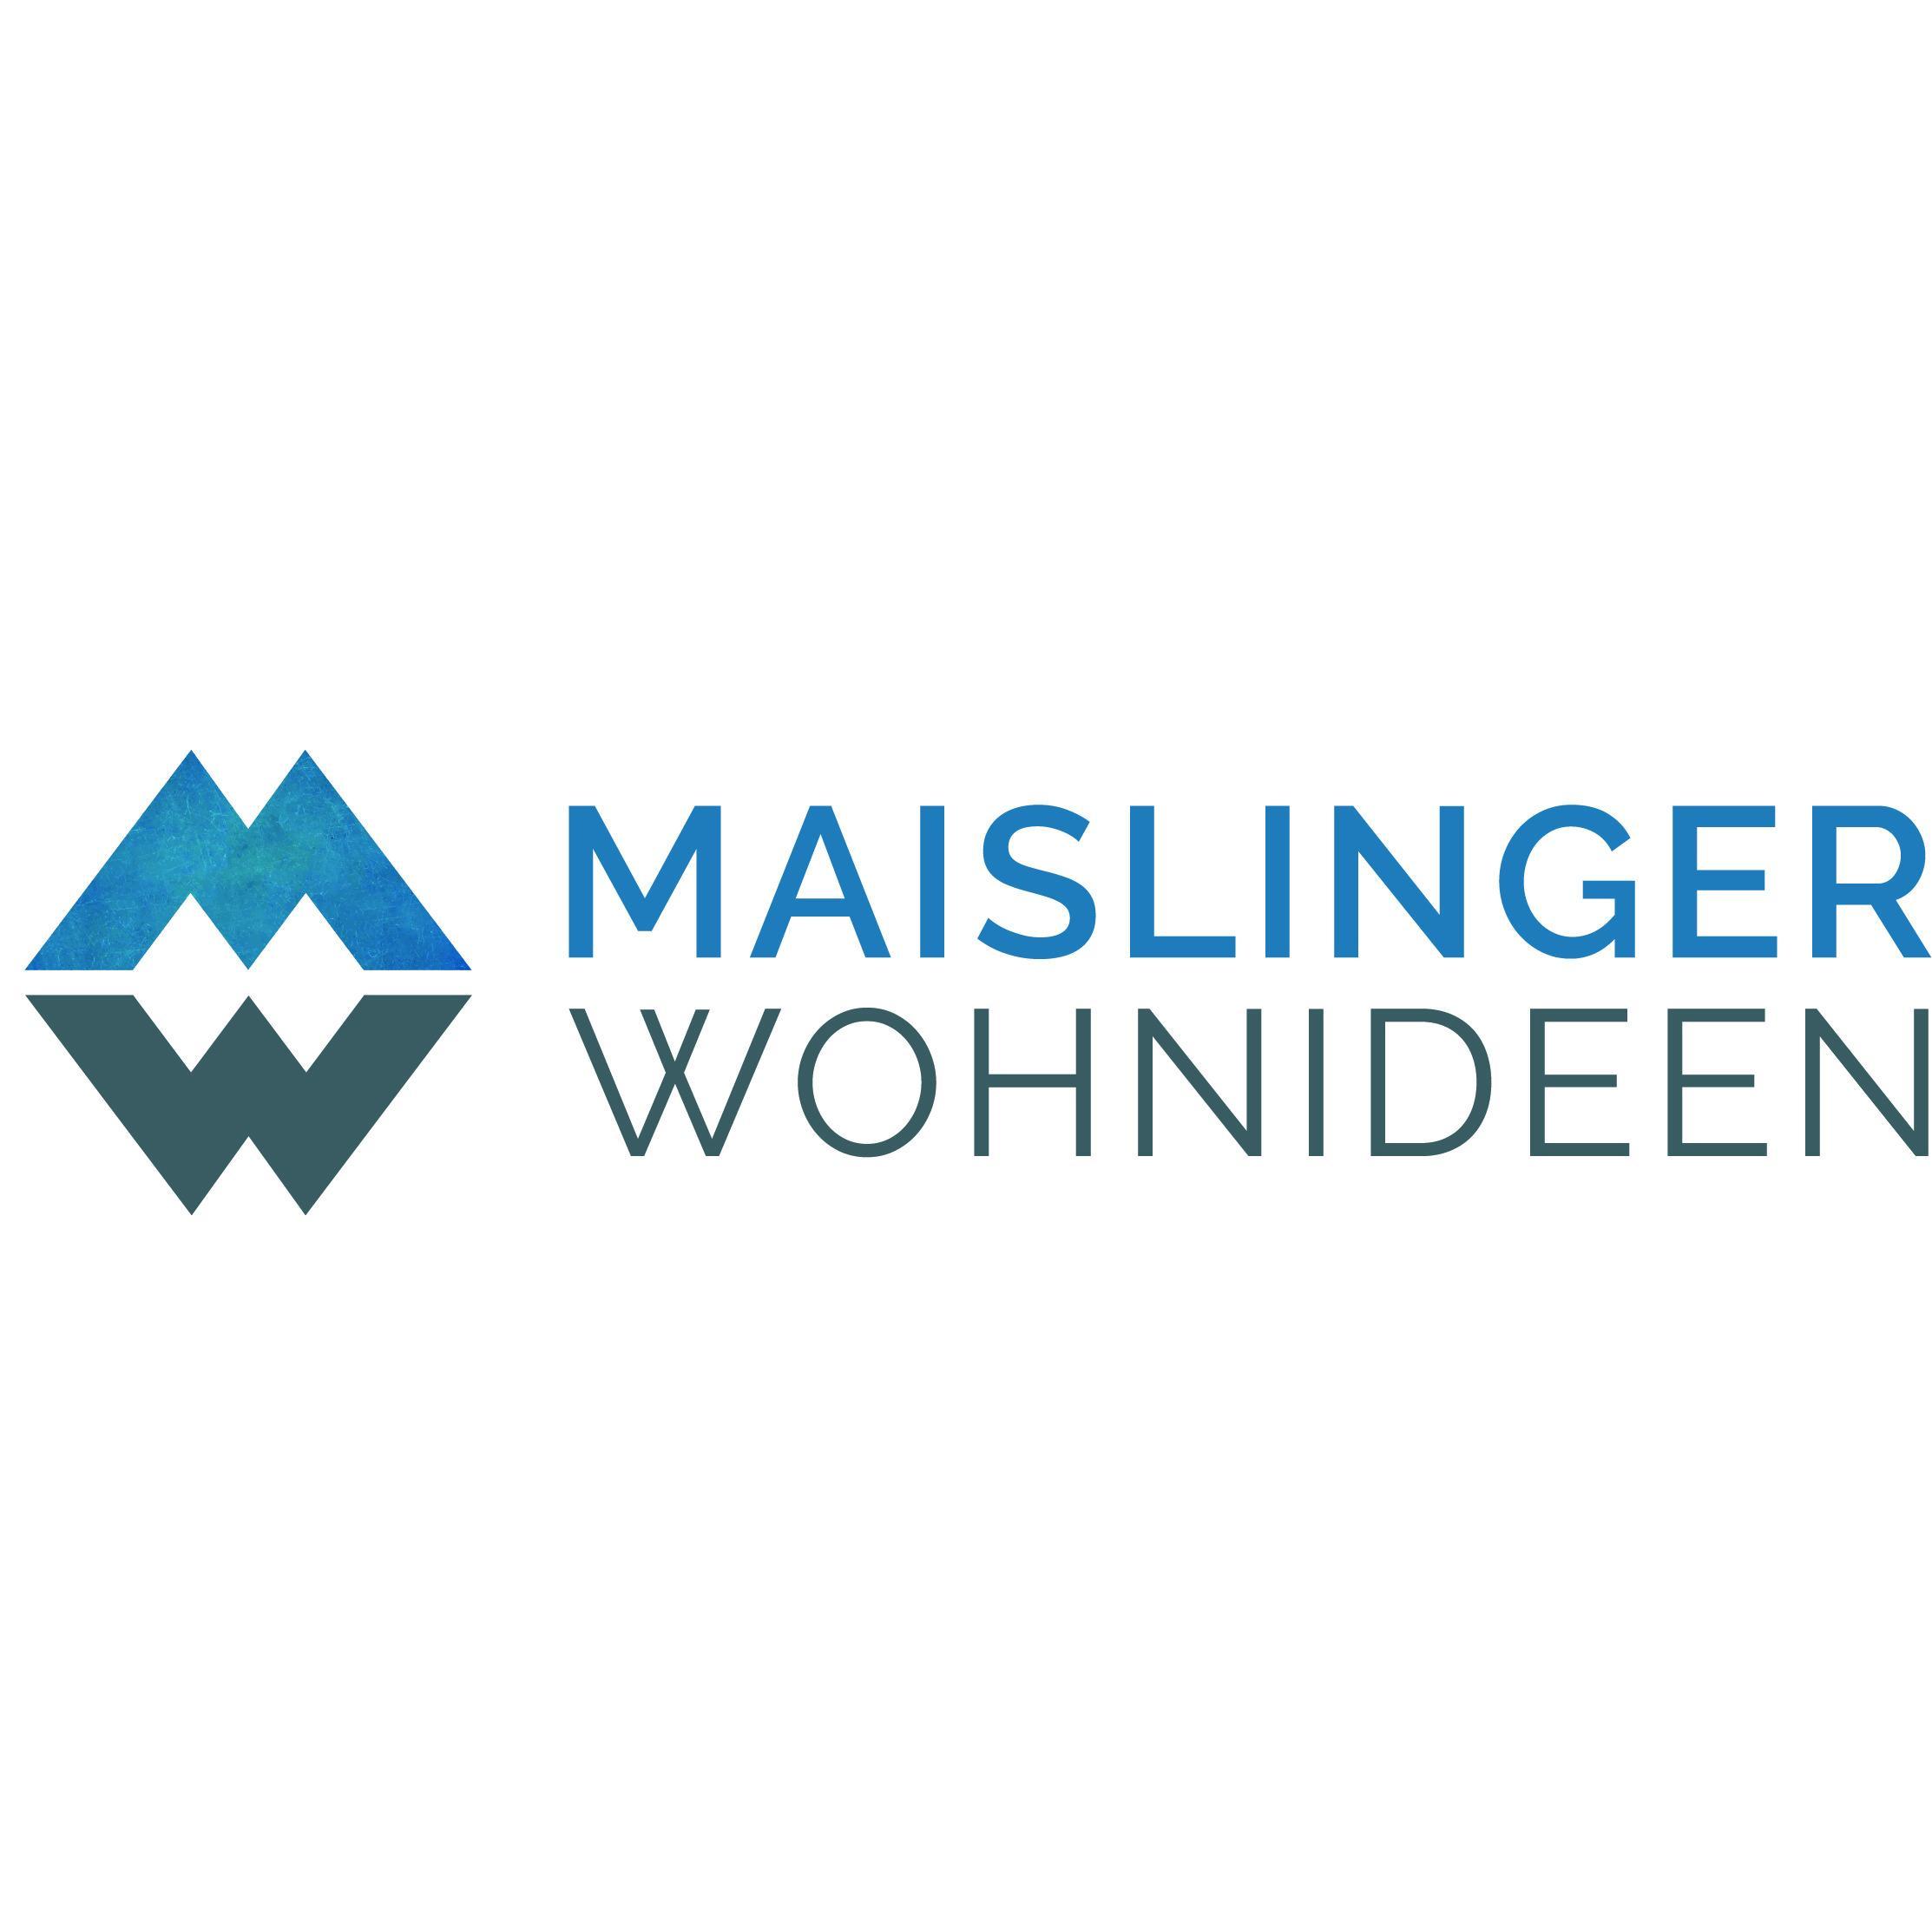 Logo von Maislinger Wohnideen